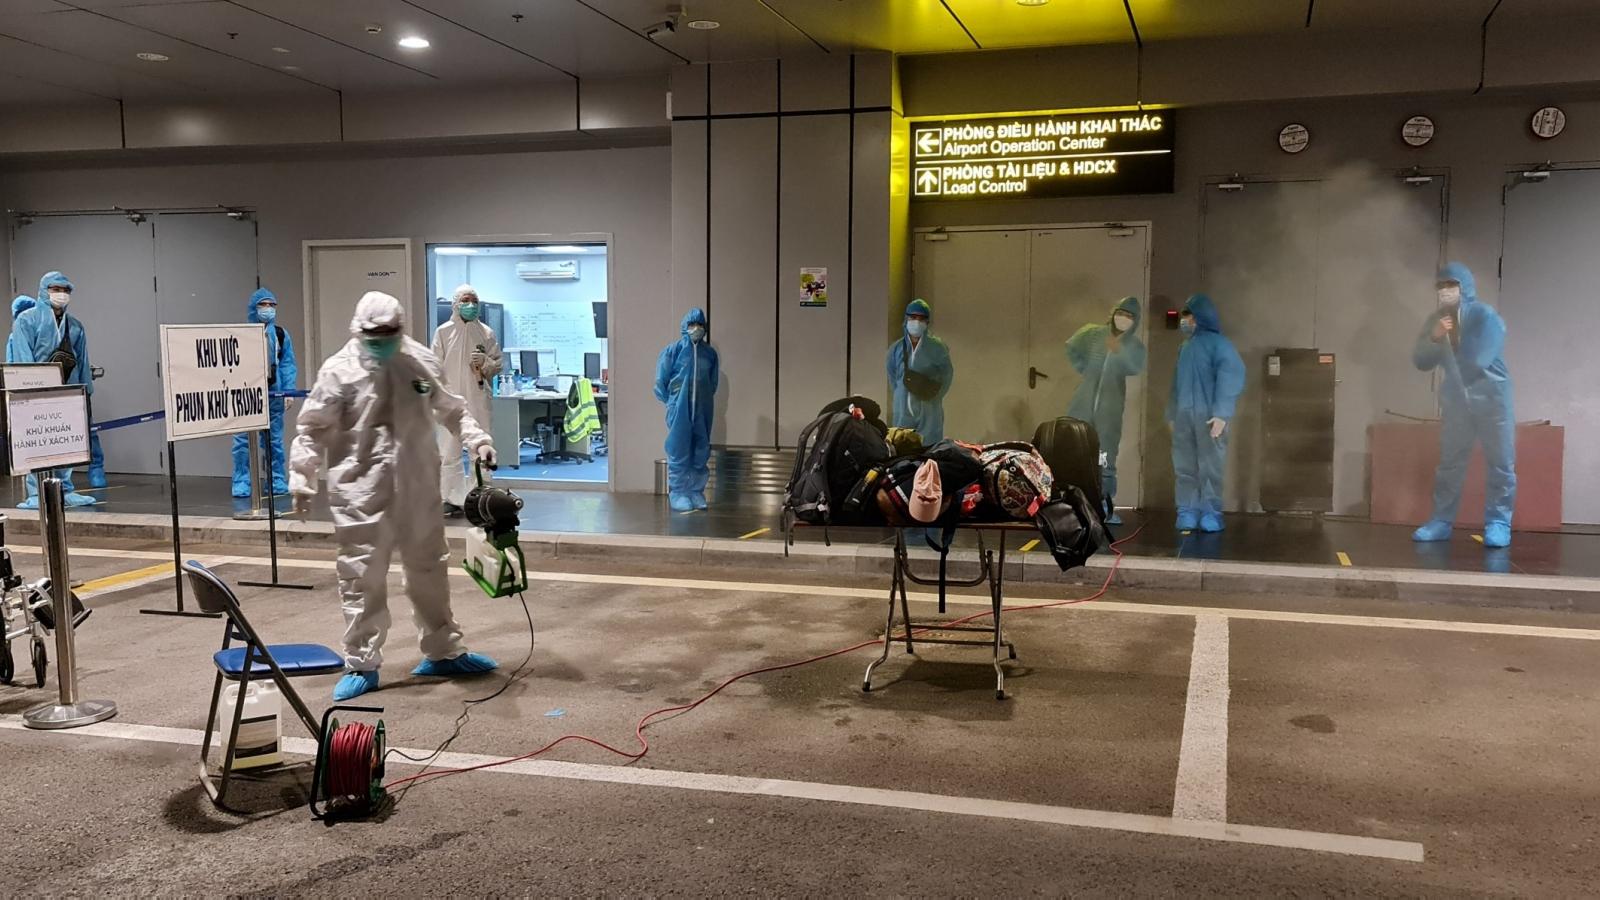 Sân bay Vân Đồn đón chuyến bay giải cứu đầu tiên sau khi kết thúc phong tỏa